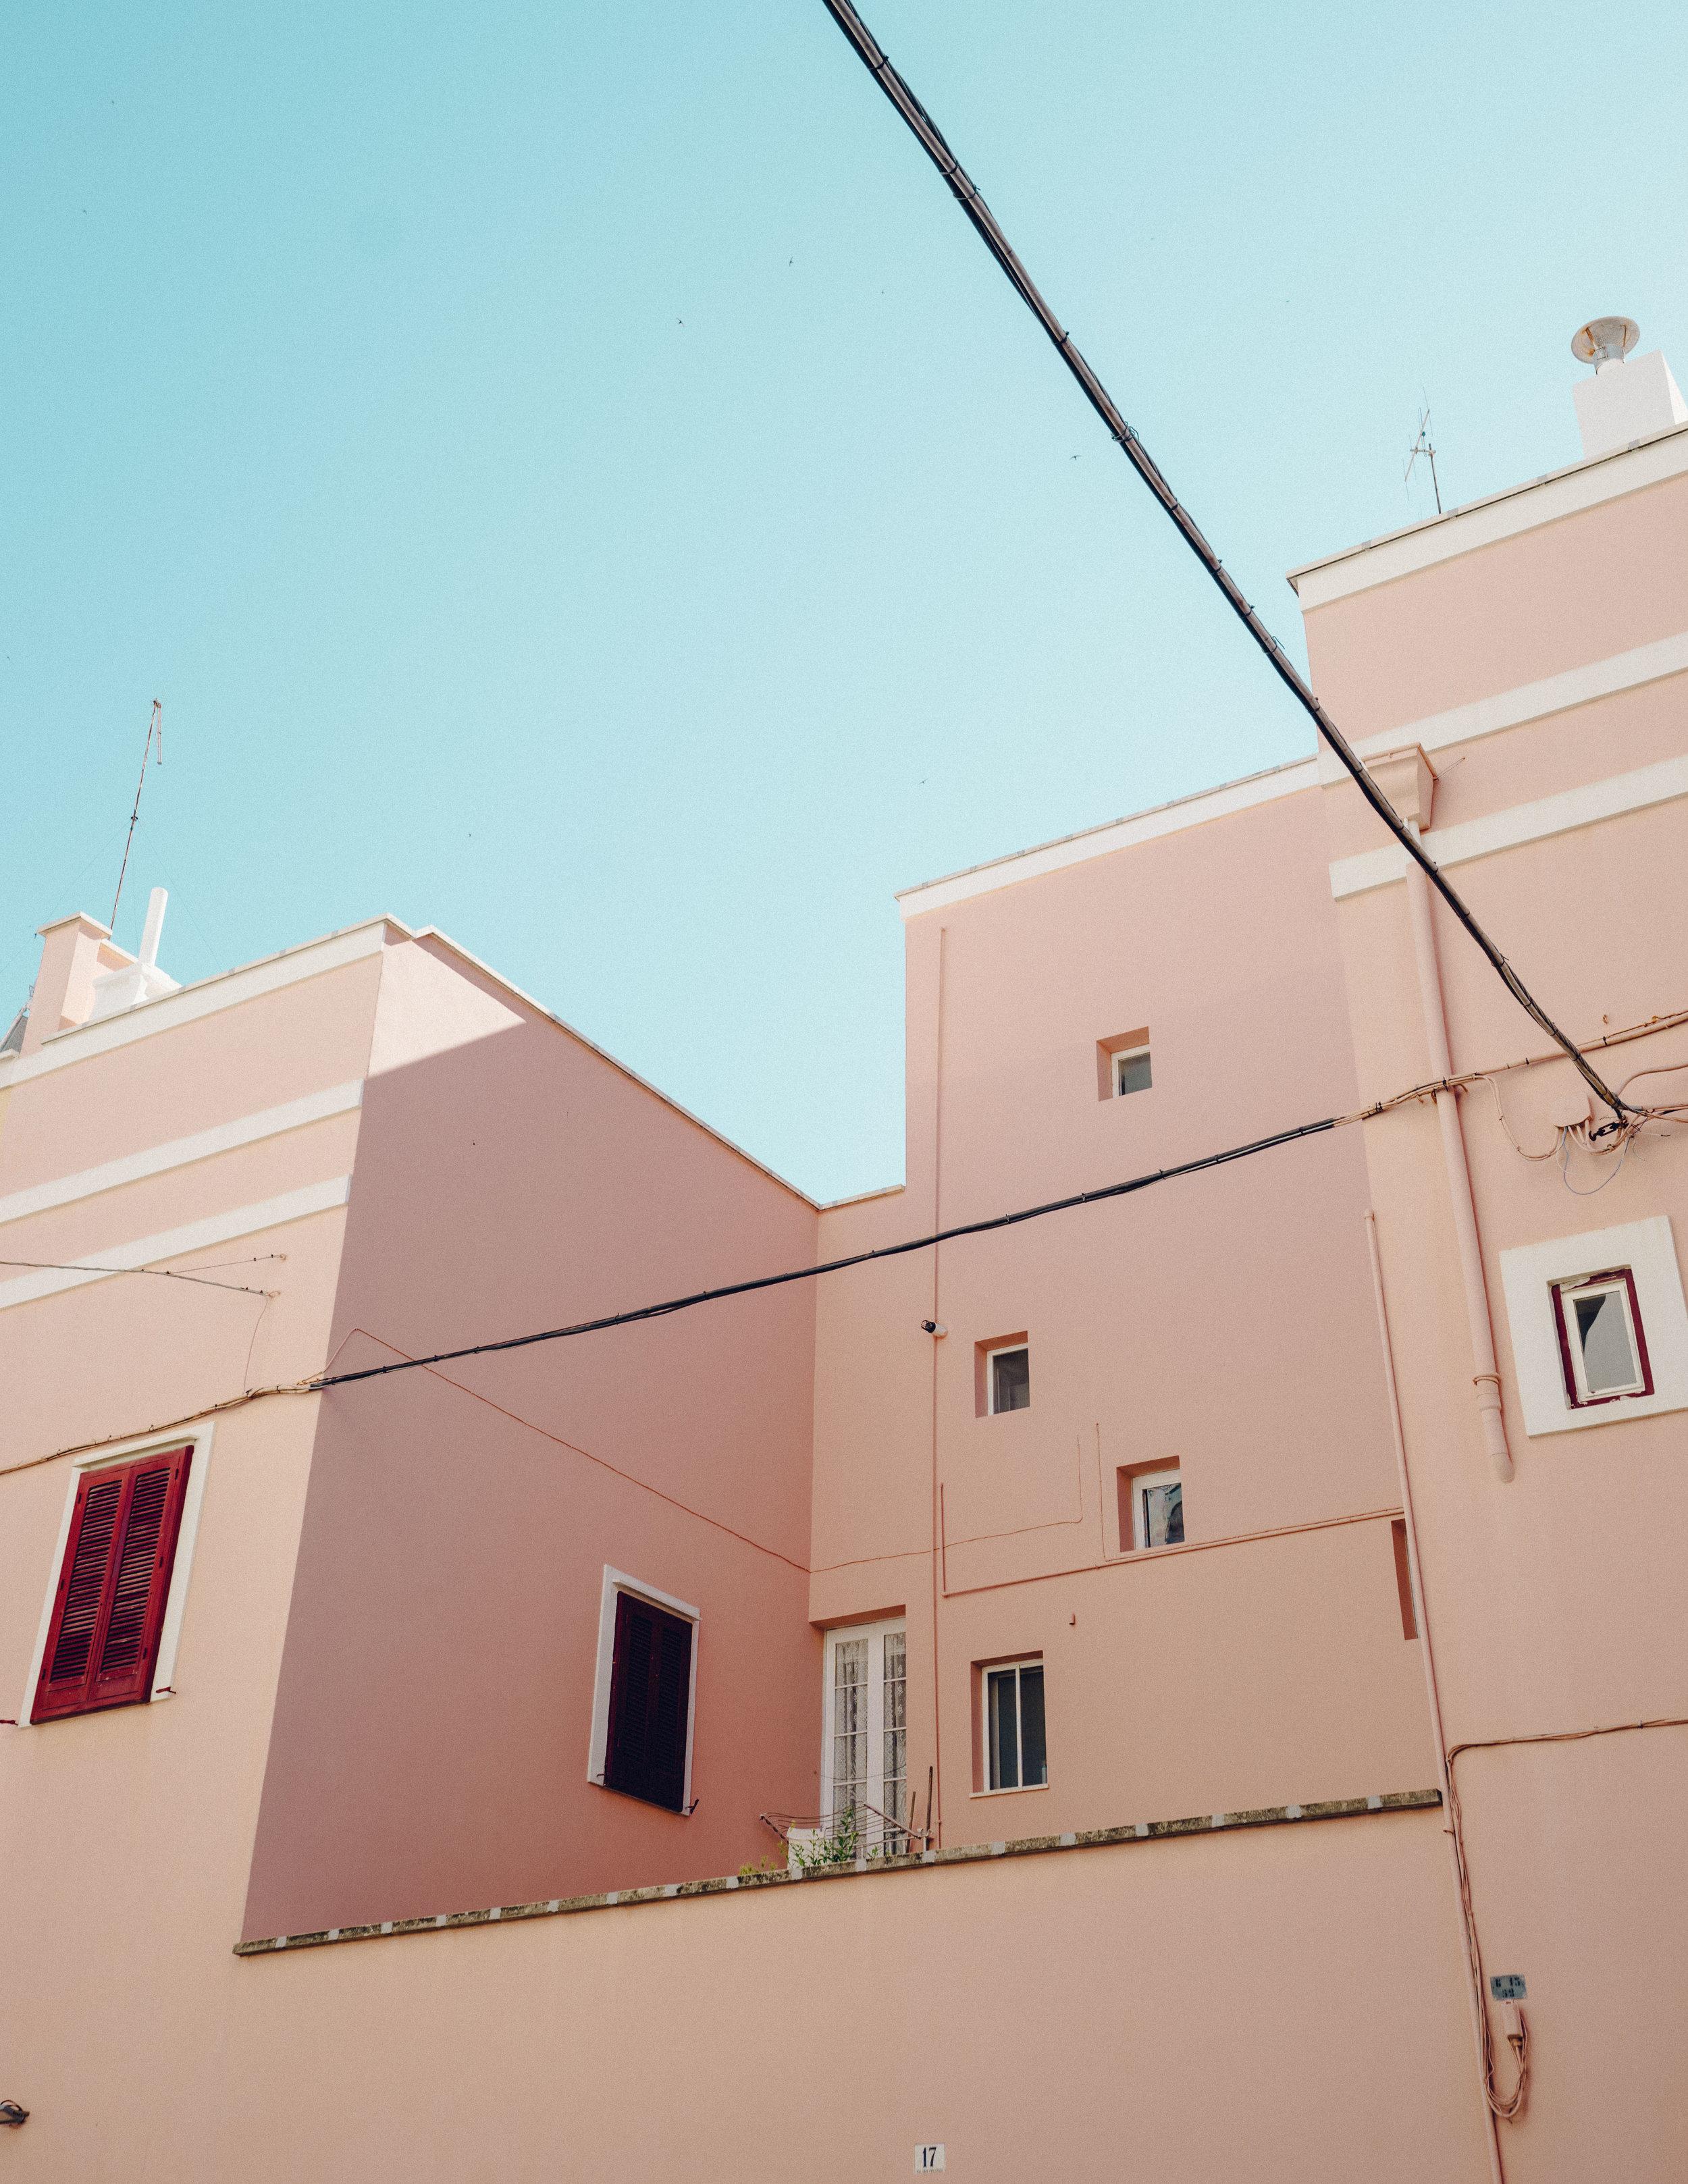 ASROSENVINGE_Roadtrip_Italy_Monopoli-07060.jpg